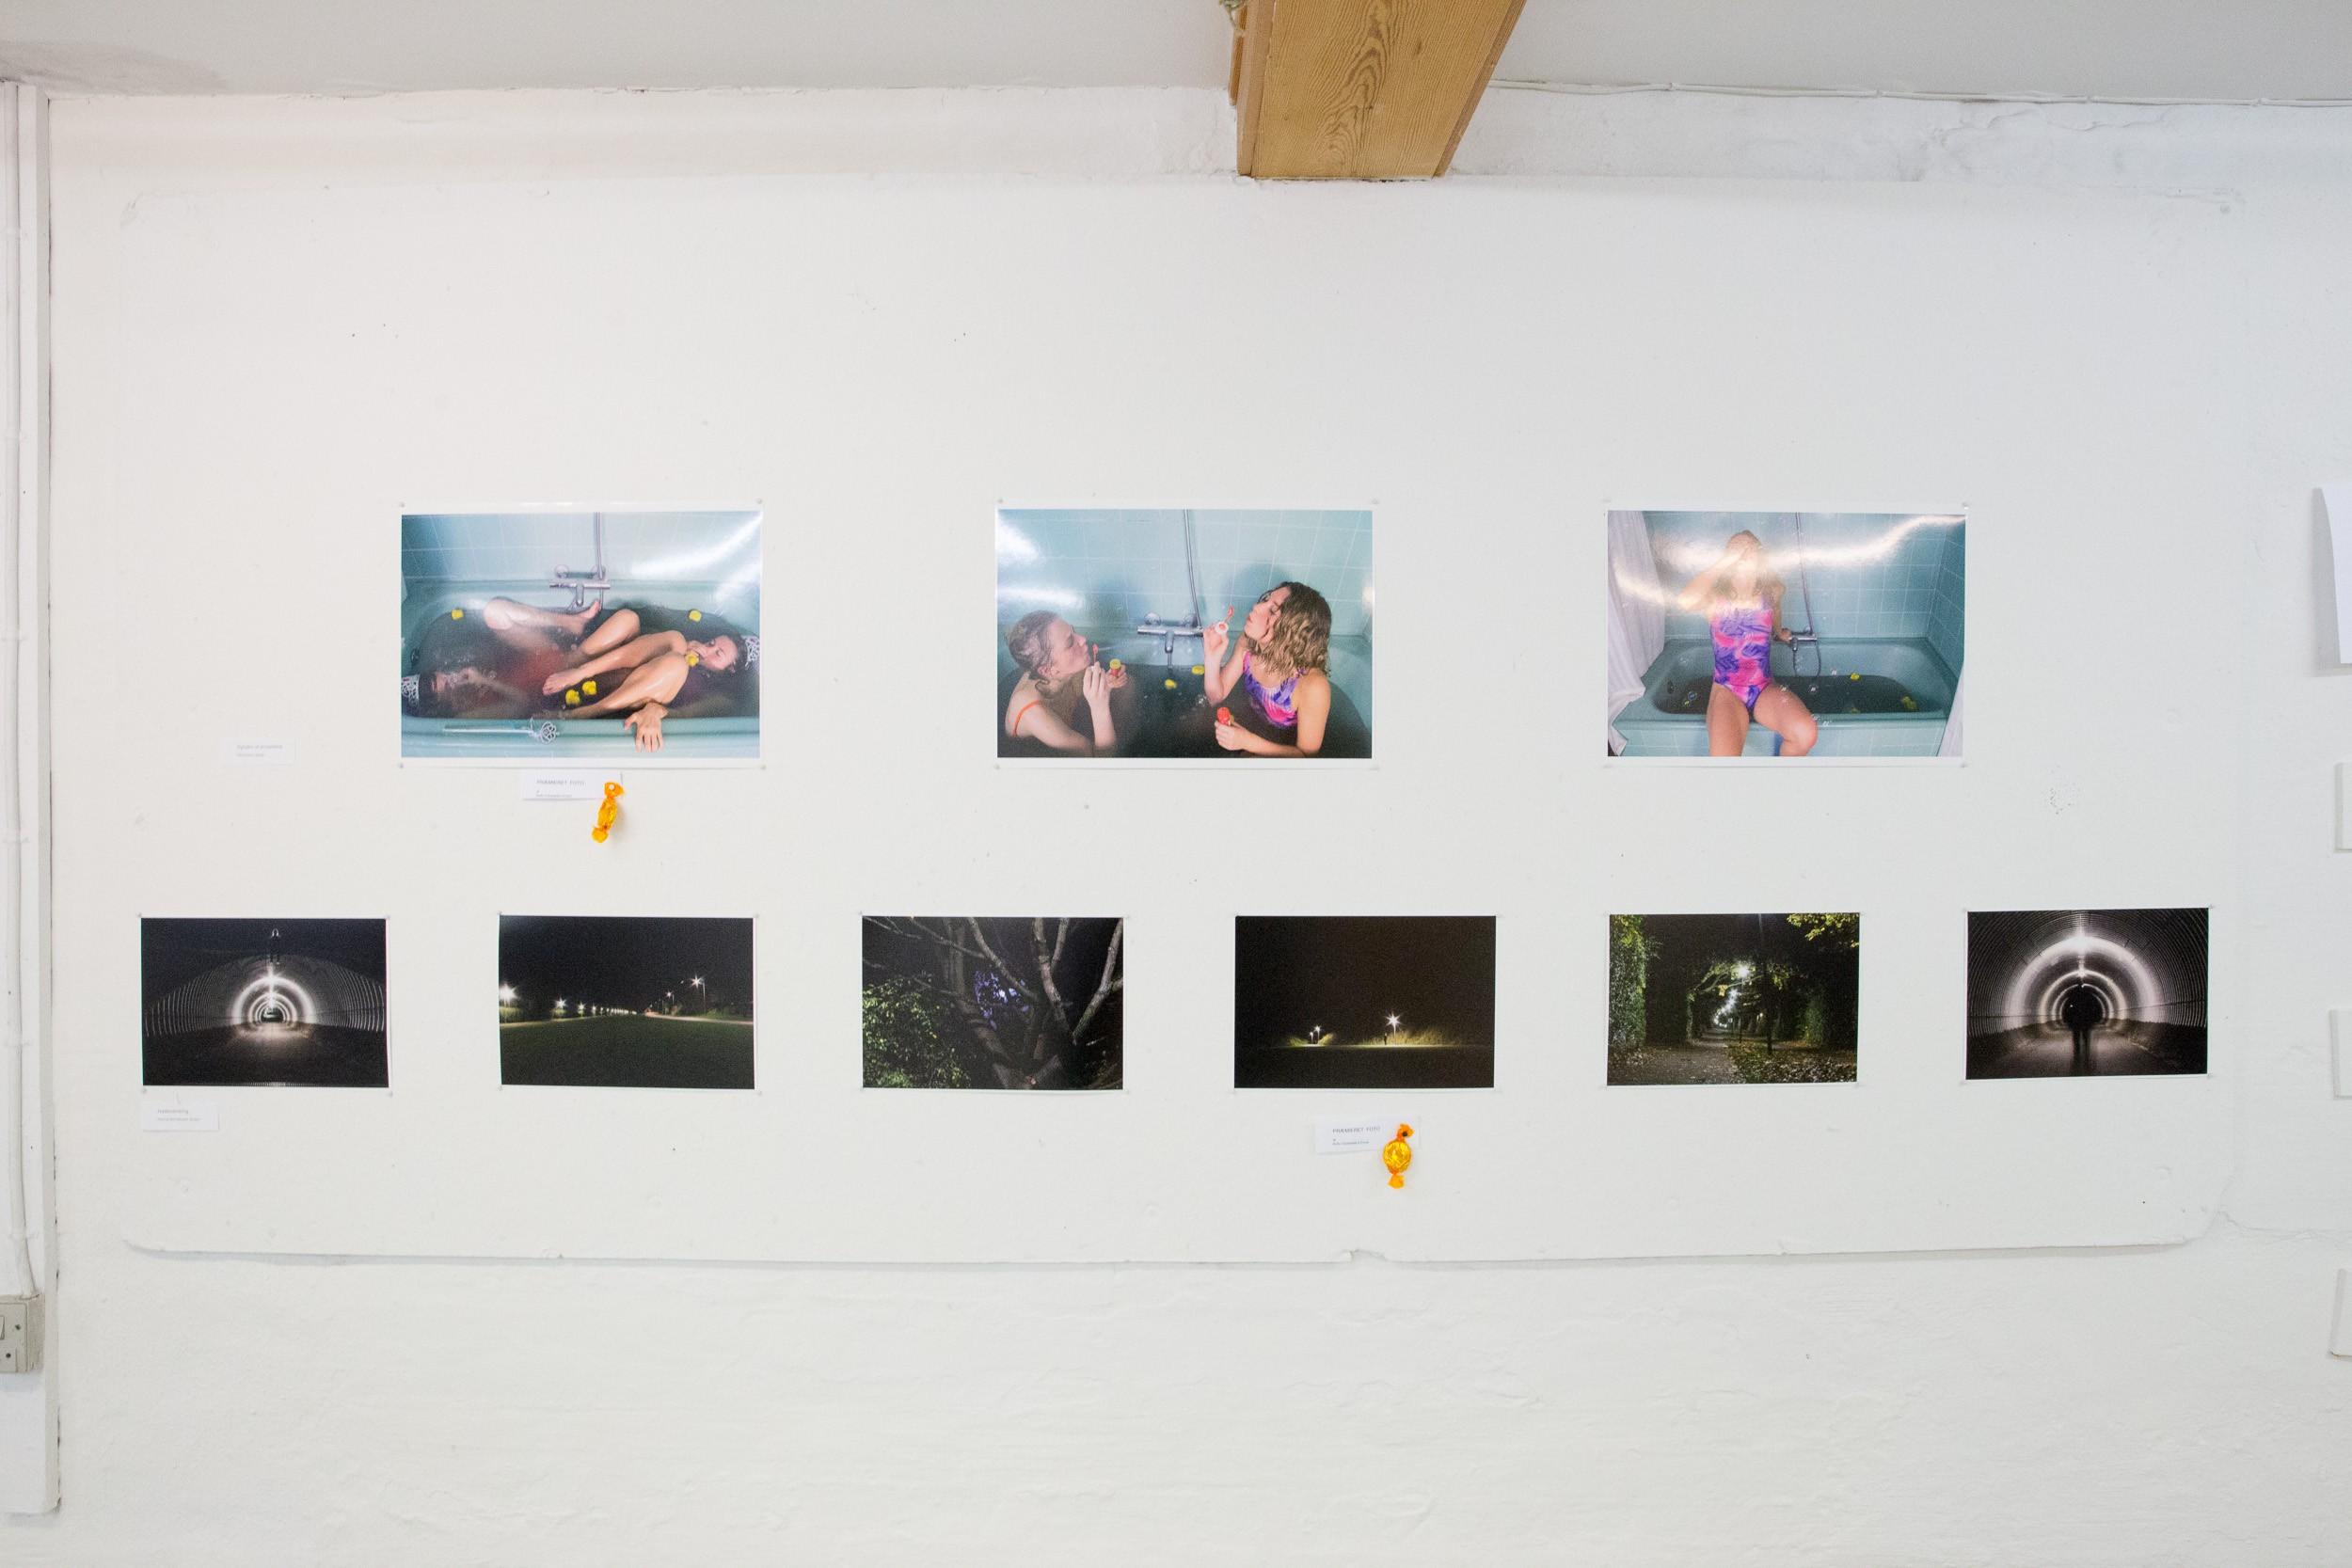 Digitalt fotografi på Kunsthøjskolen